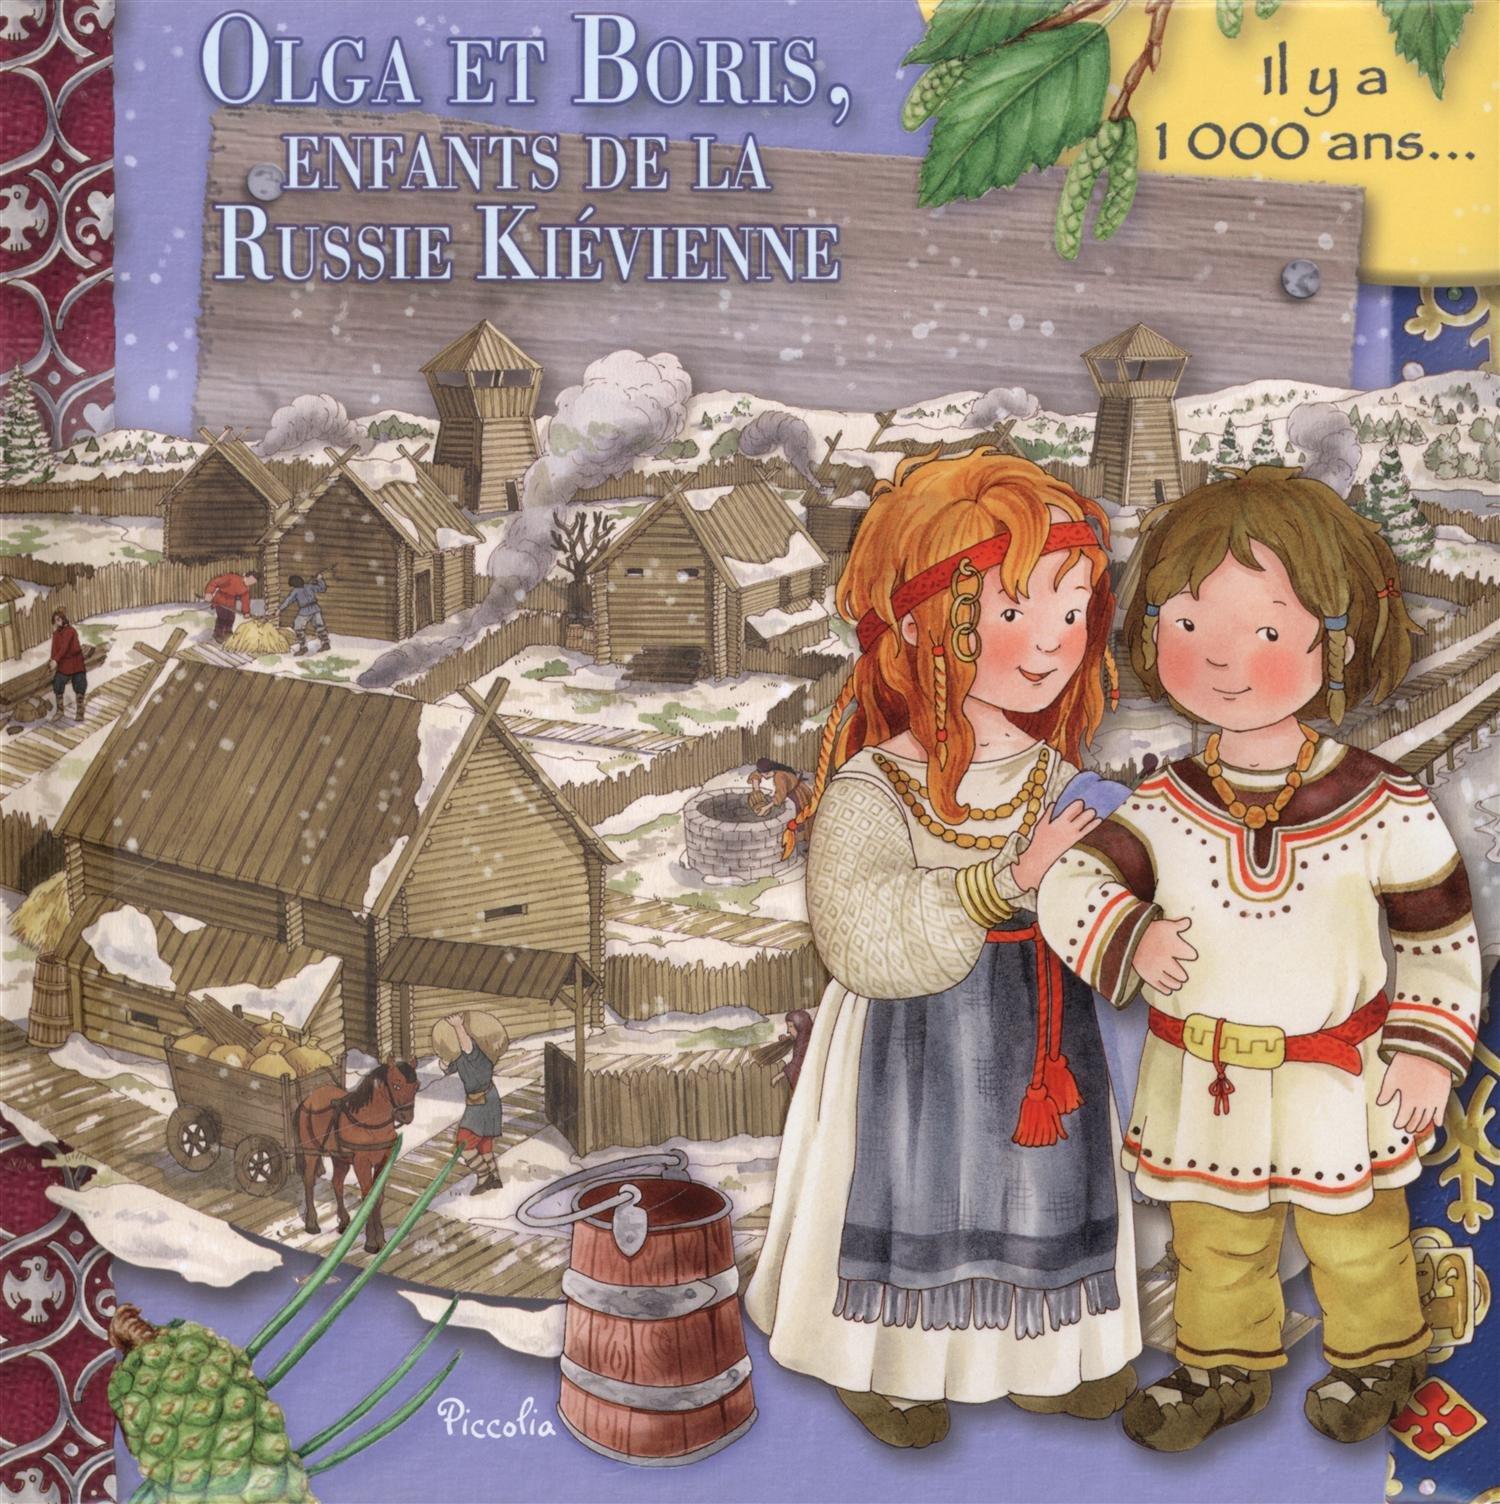 Olga et Boris, enfants de la Russie Kiévienne Relié – 1 novembre 2013 Piccolia 2753027196 Documentaires jeunesse Histoire dès 6 ans